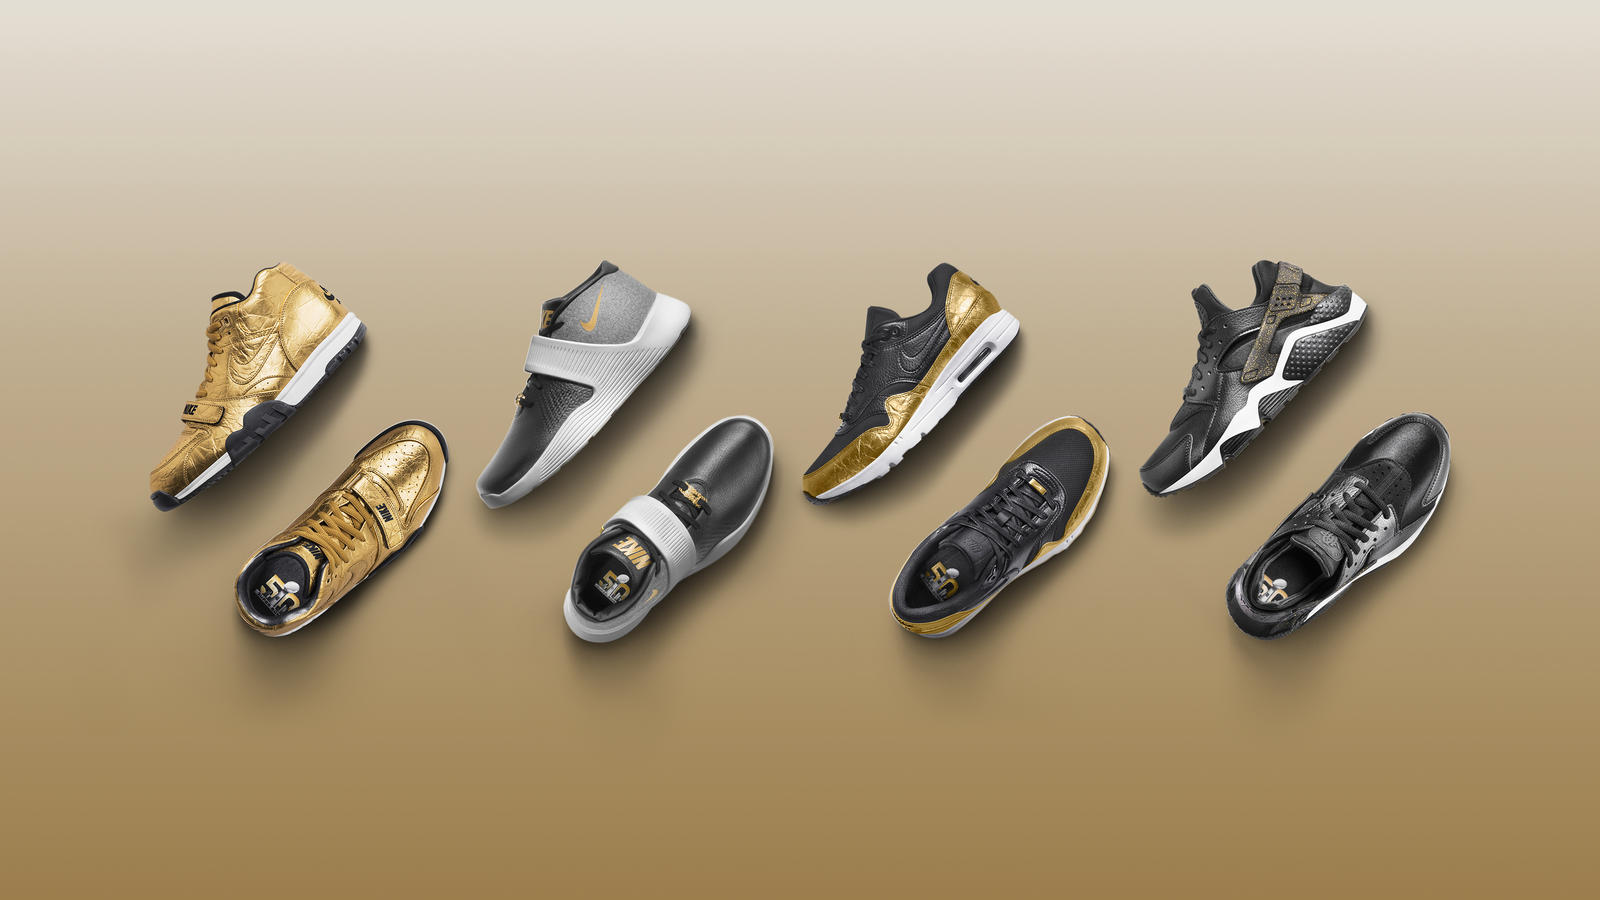 """50ecb940 ... mientras que los modelos """"Ultra XT"""" y """"Air Huarache"""" optaron por una  apariencia más atenuada, usando oro solo como un color de acento."""